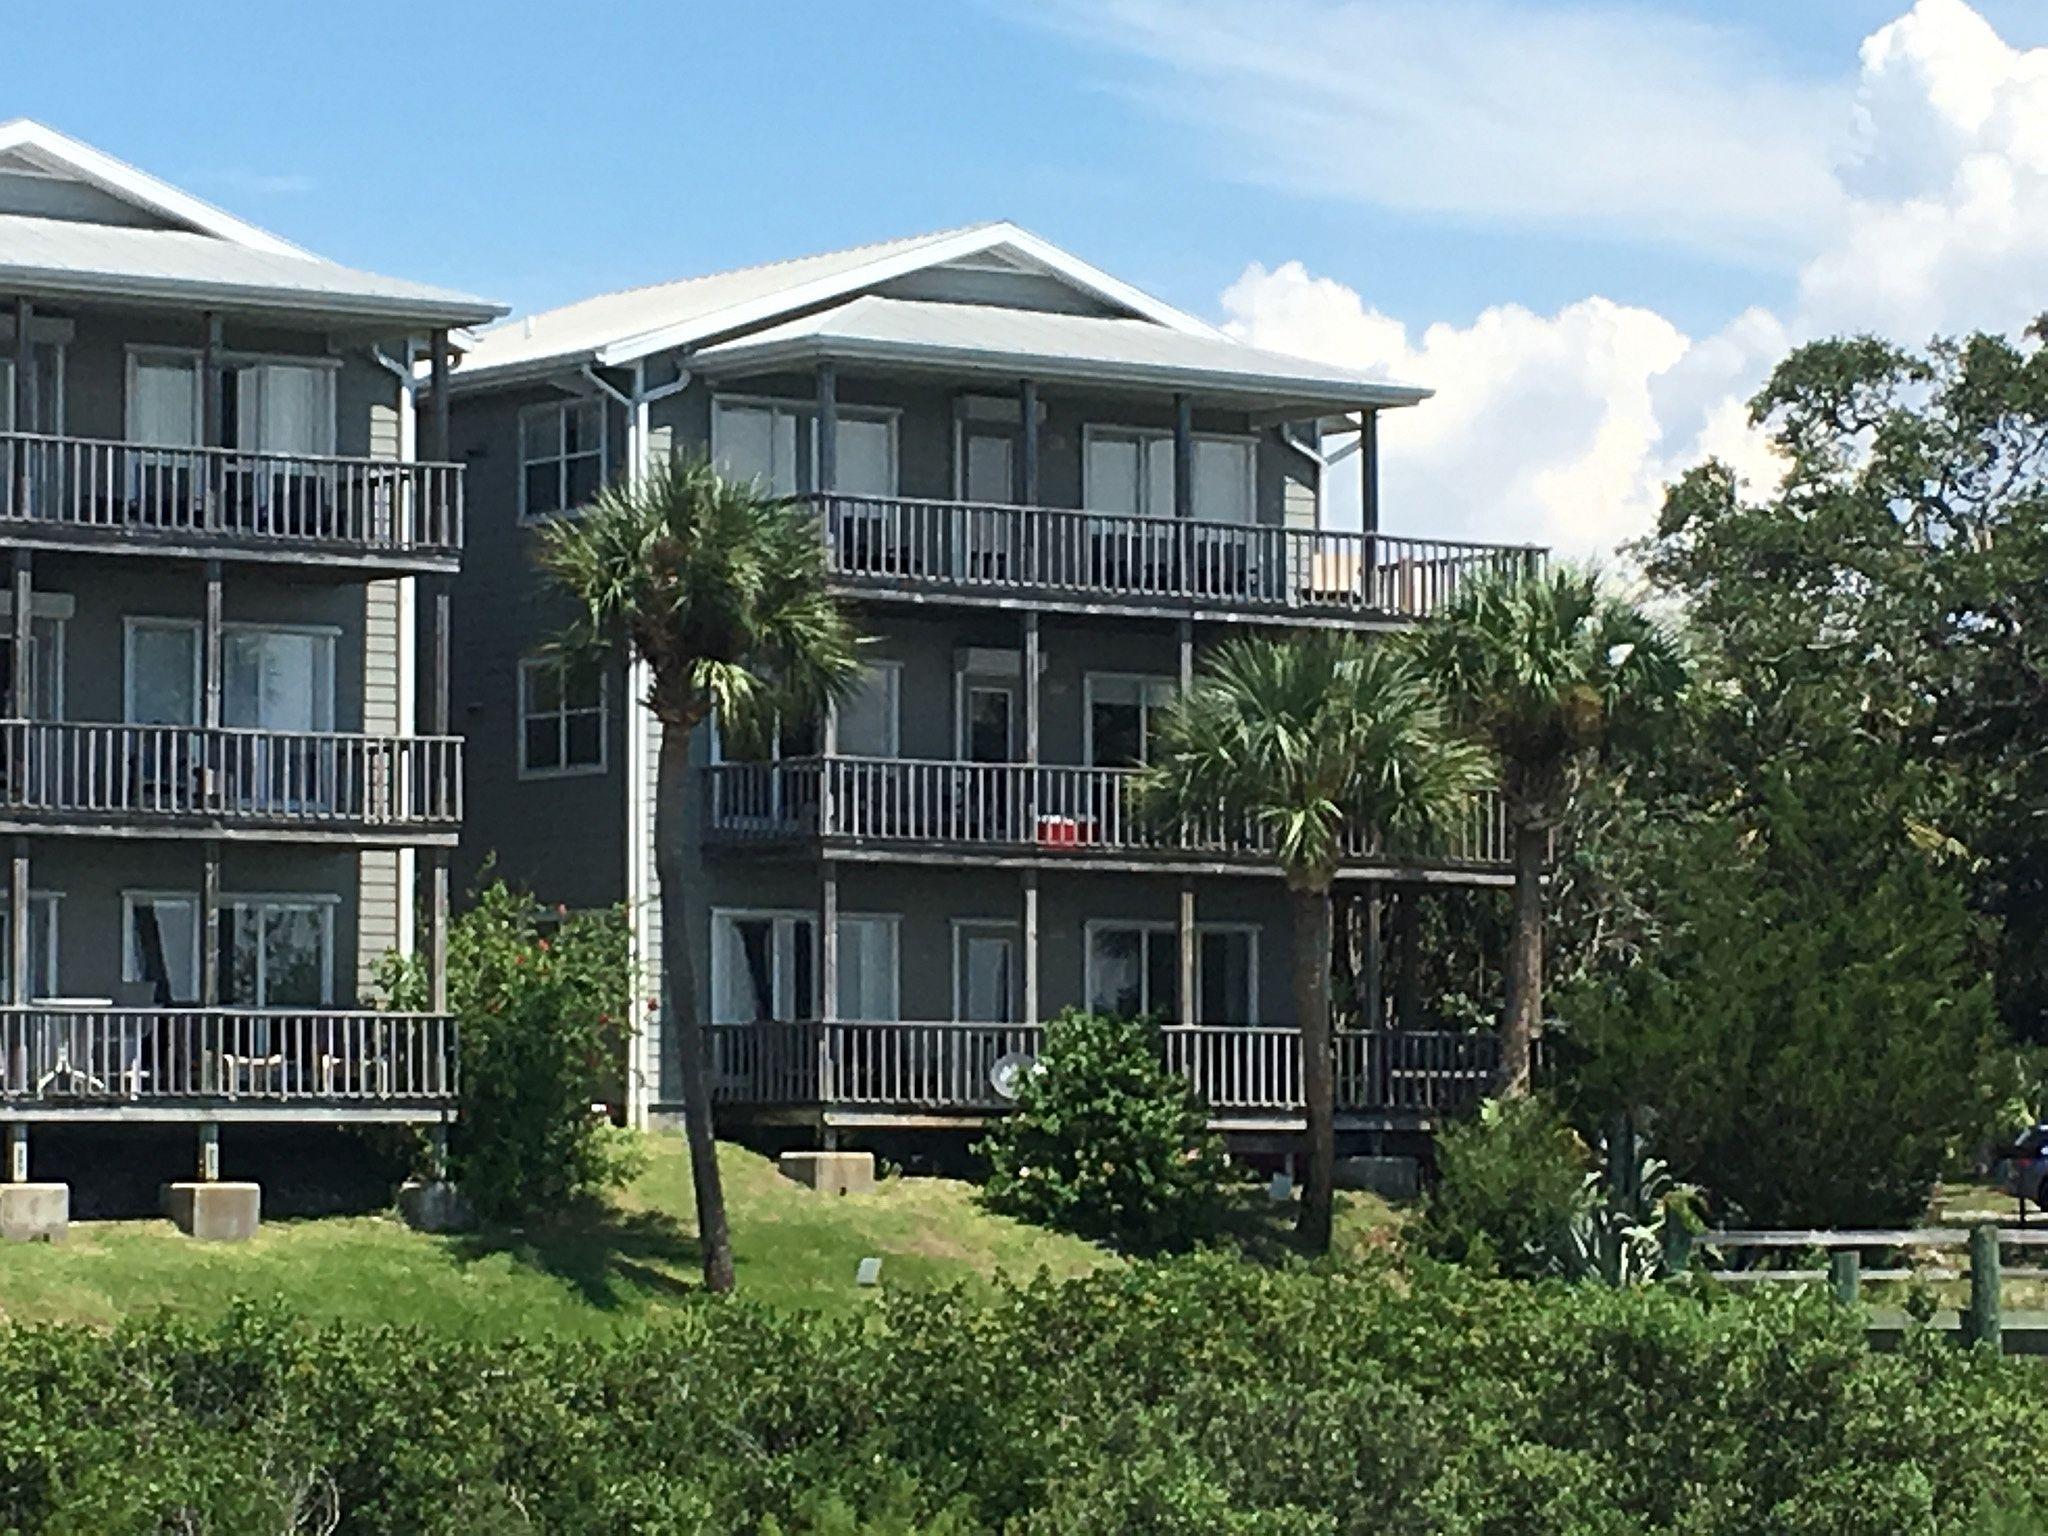 Vacation Condominium Rentals in Cedar Key FL